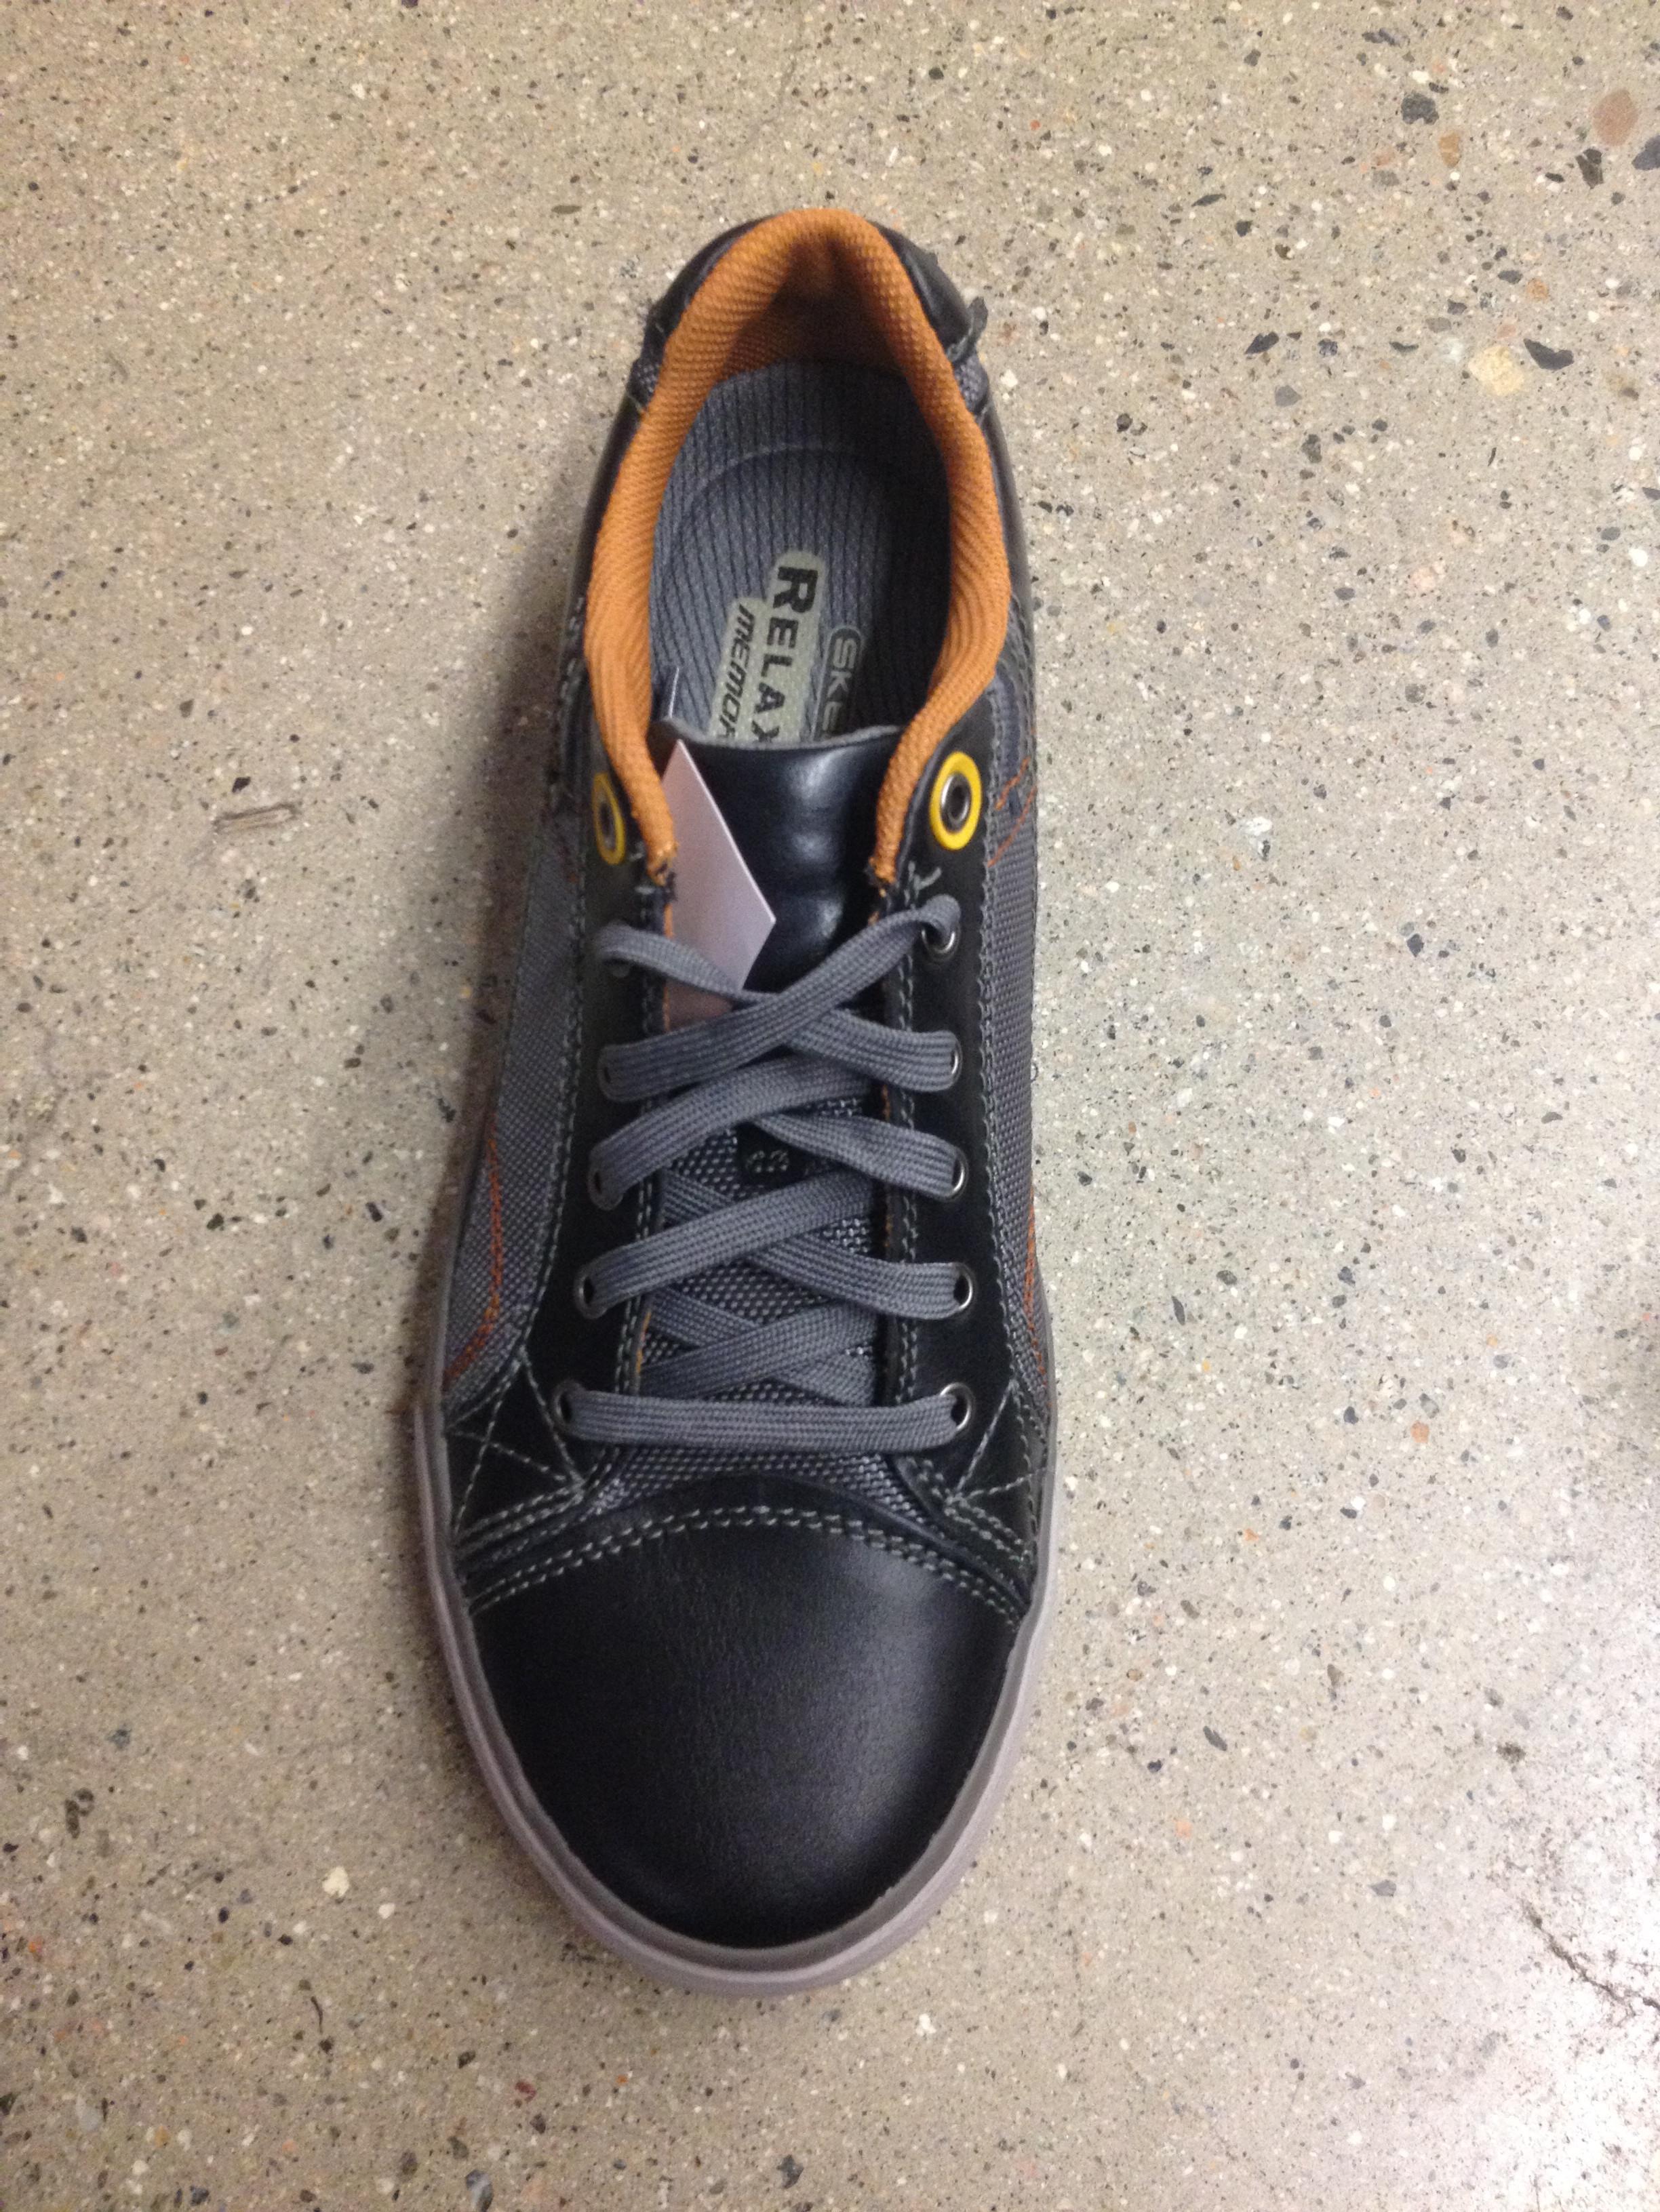 fit带气孔系鞋带男士鞋